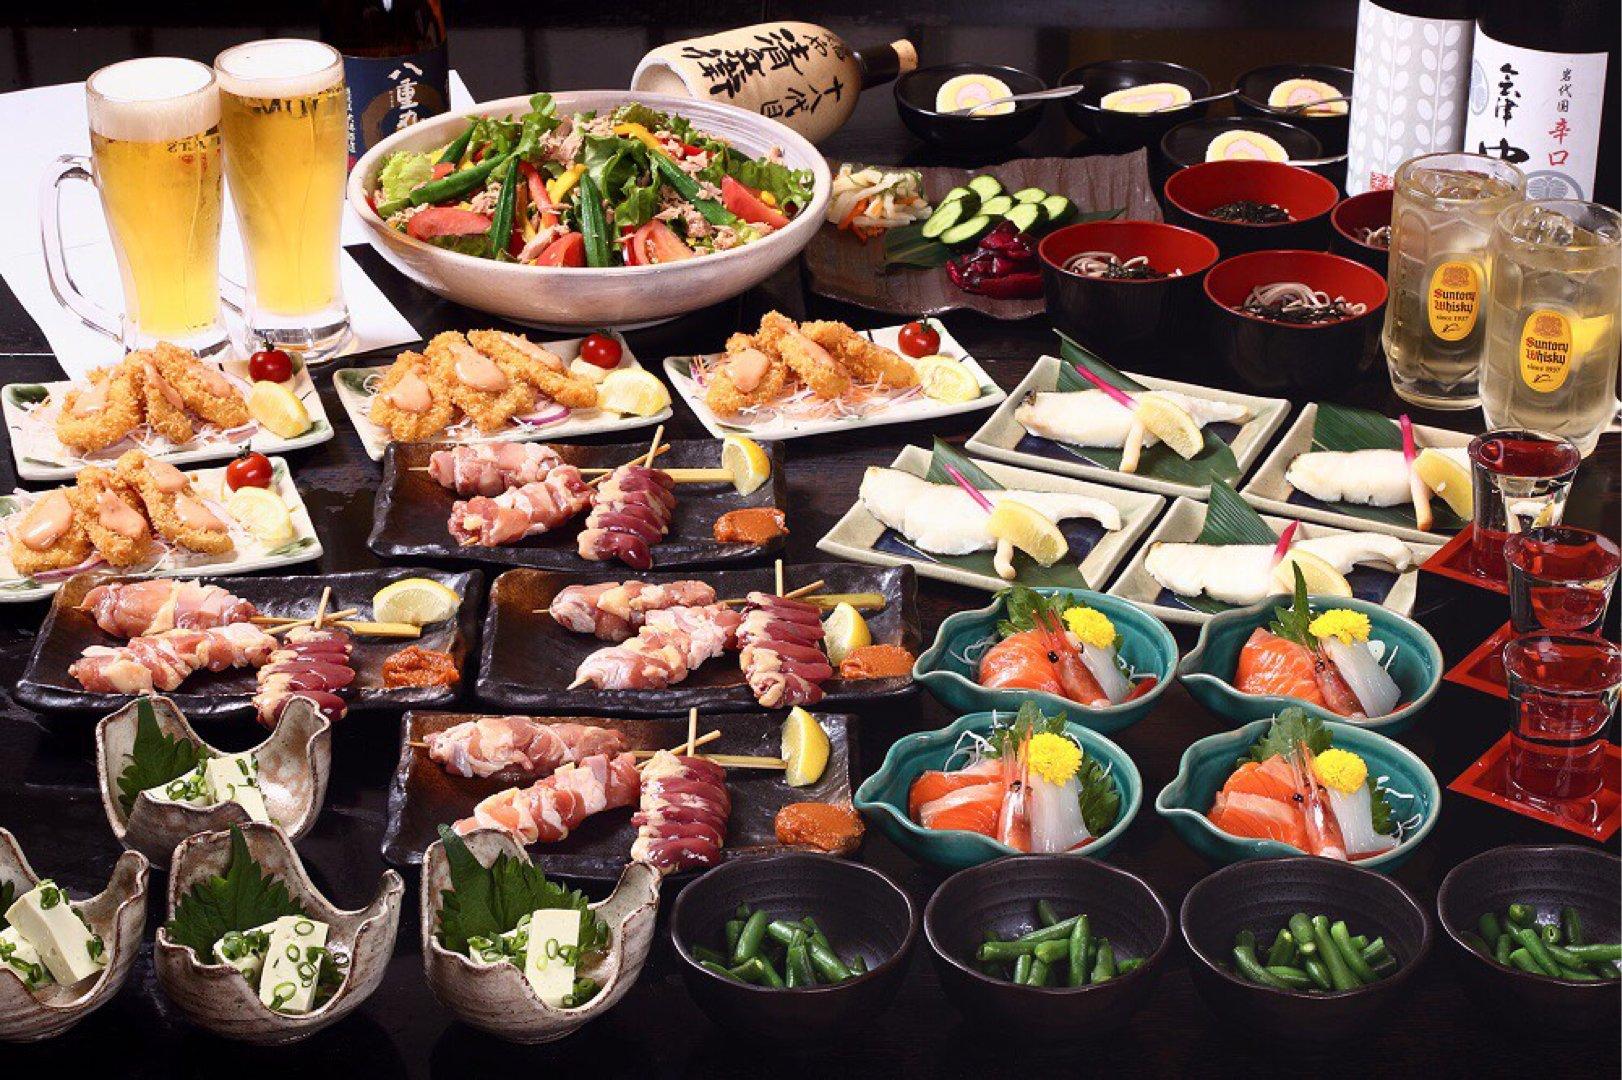 十八代目 鶏や清兵衛|公式HP・福島市・鶏料理・焼き鳥・居酒屋